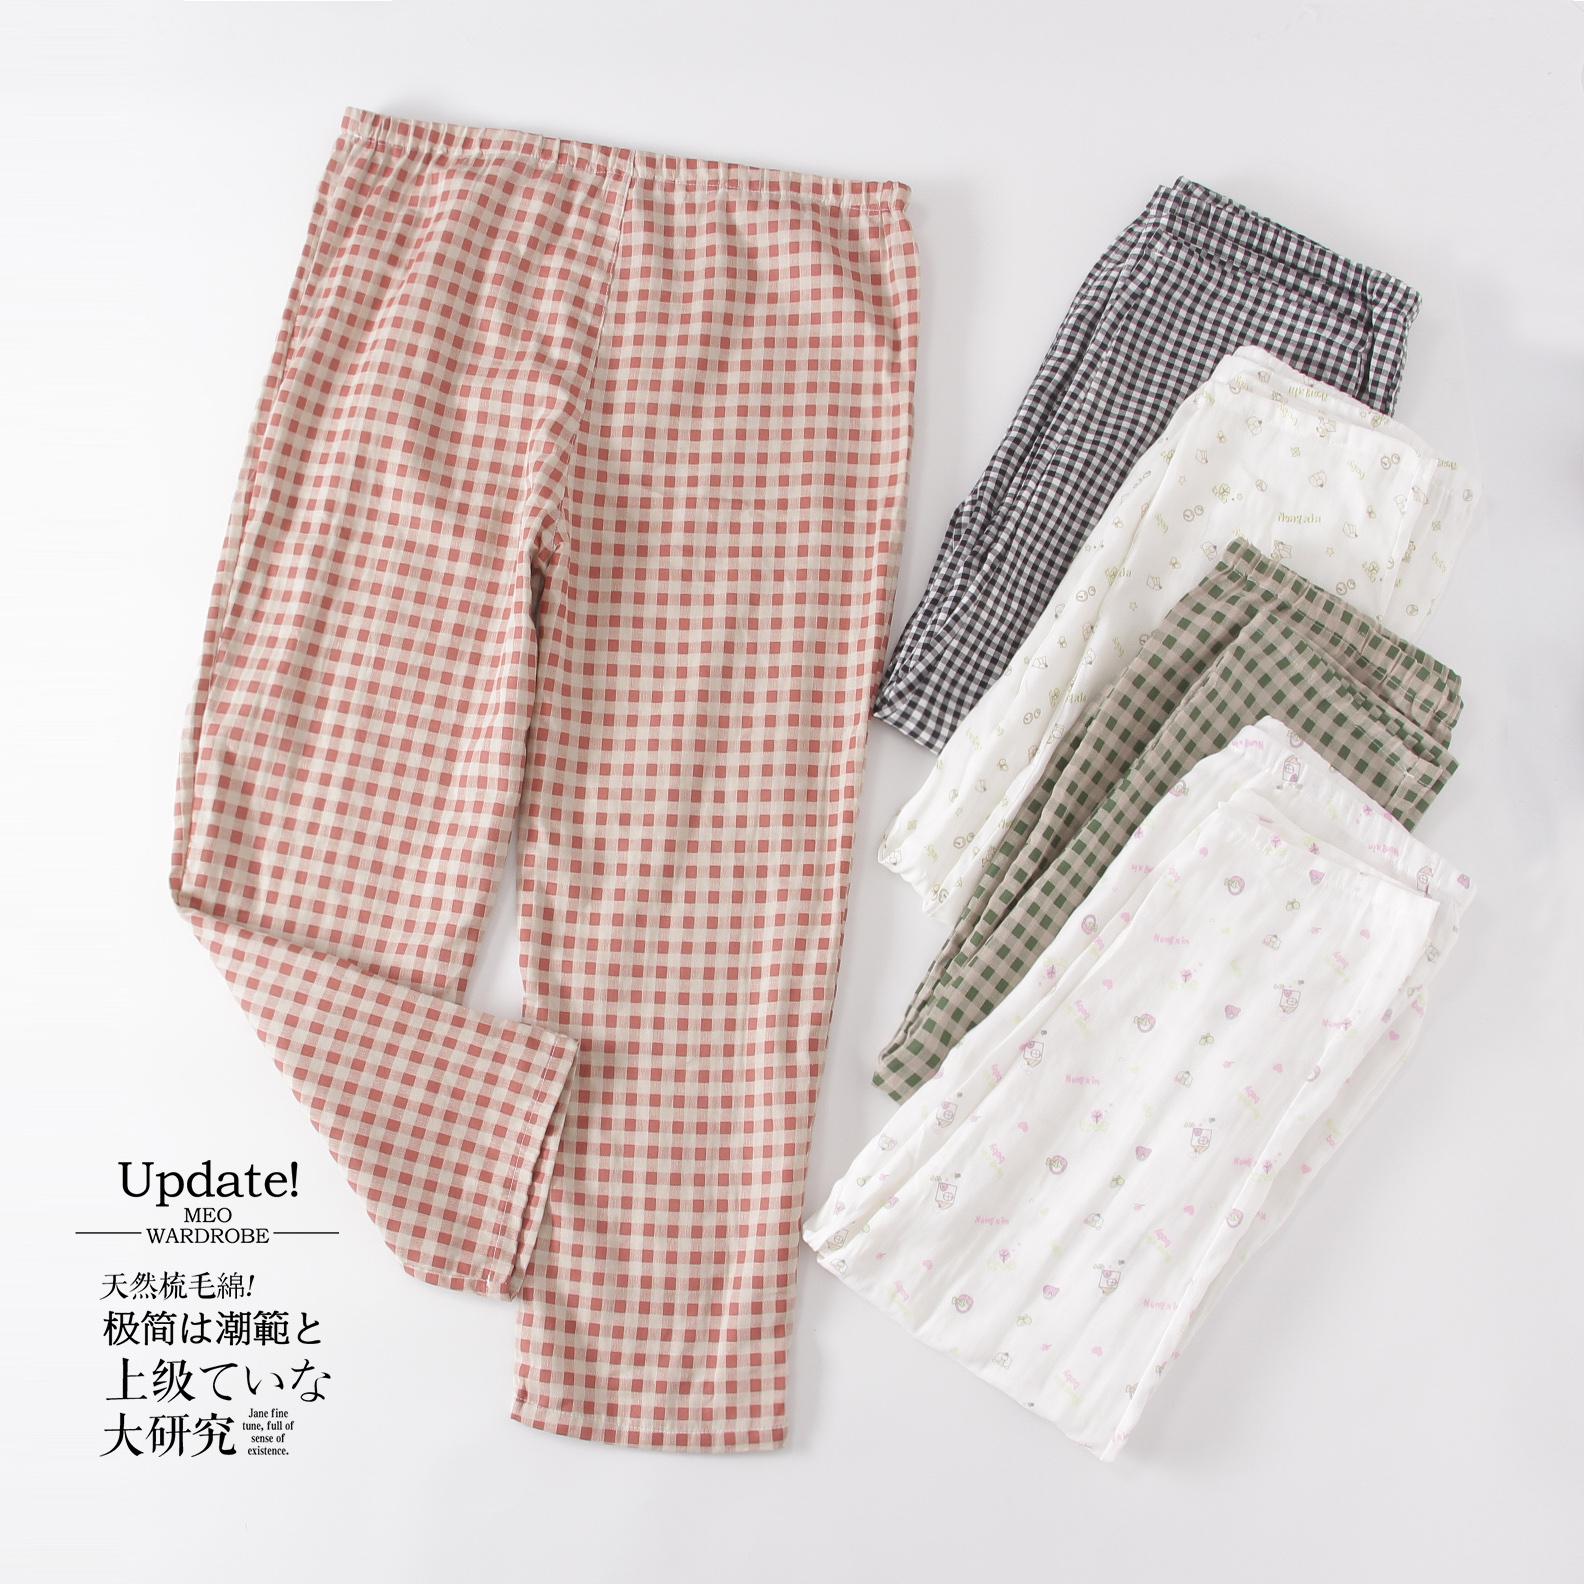 日系全棉纱布透气孕妇家居裤宽松薄纯棉产妇月子裤加长孕妇睡裤